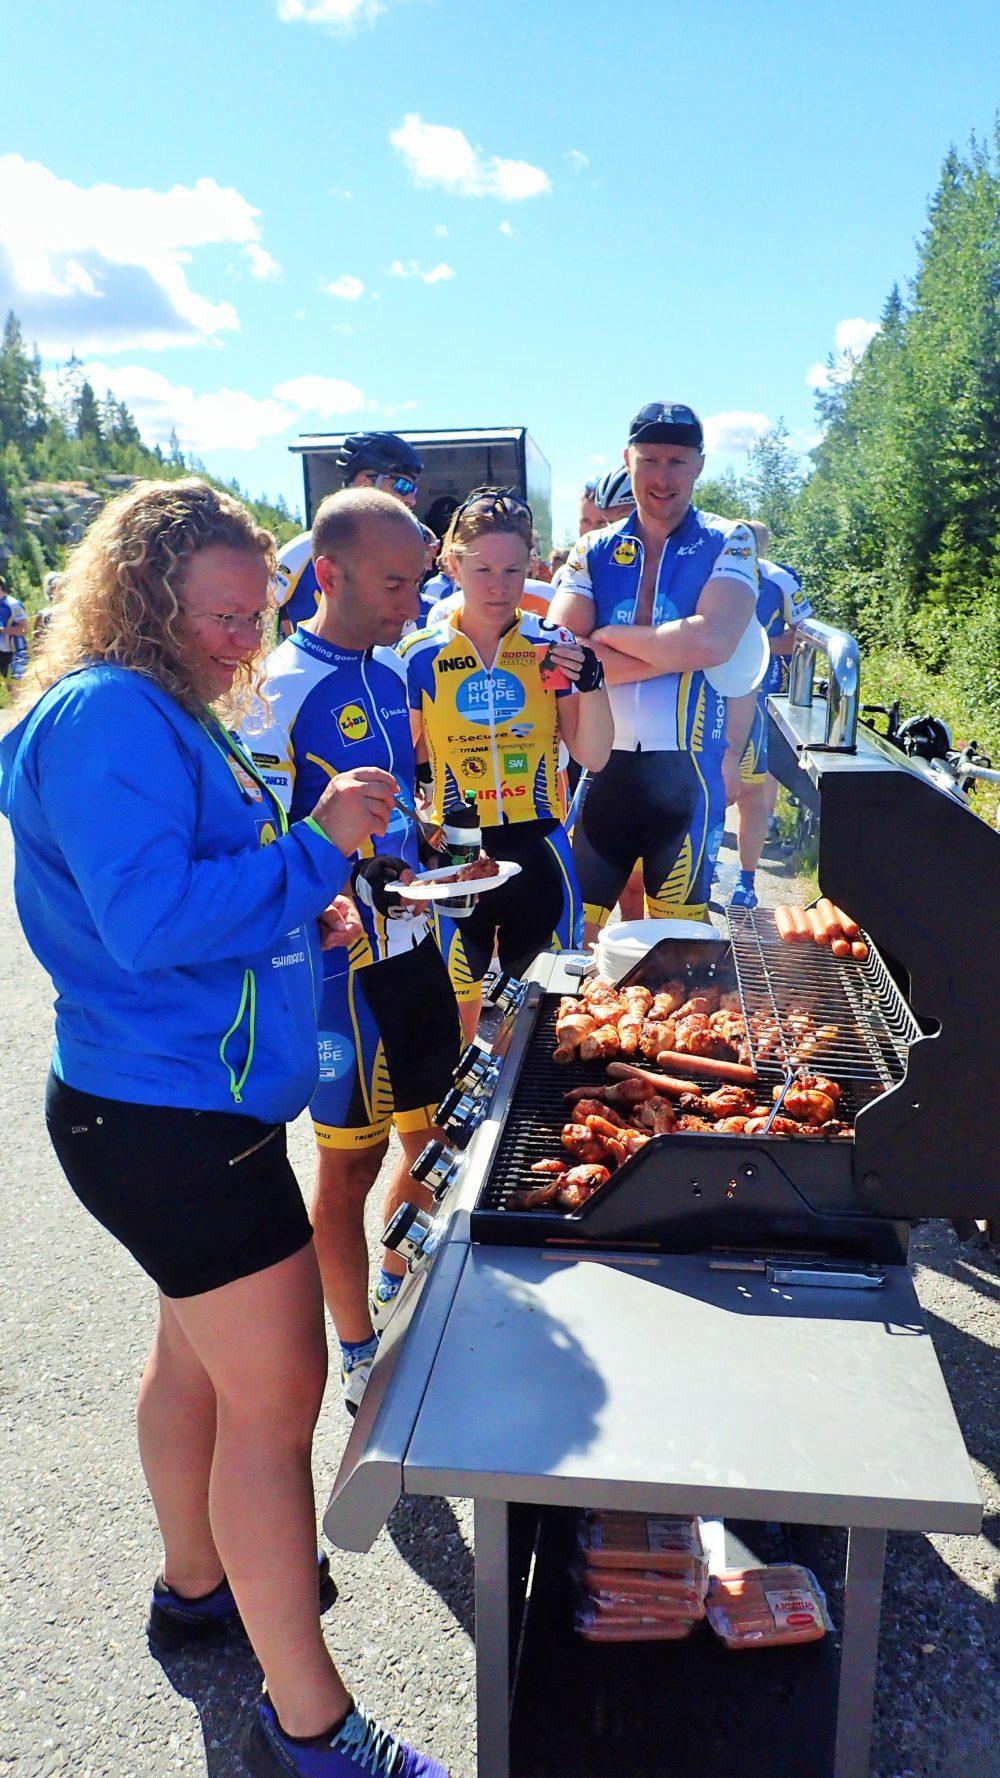 Det grymma serviceteamet hade fixat en gasolgrill och överraskade med grillade kycklingklubbor, korv och potatissallad till lunch!